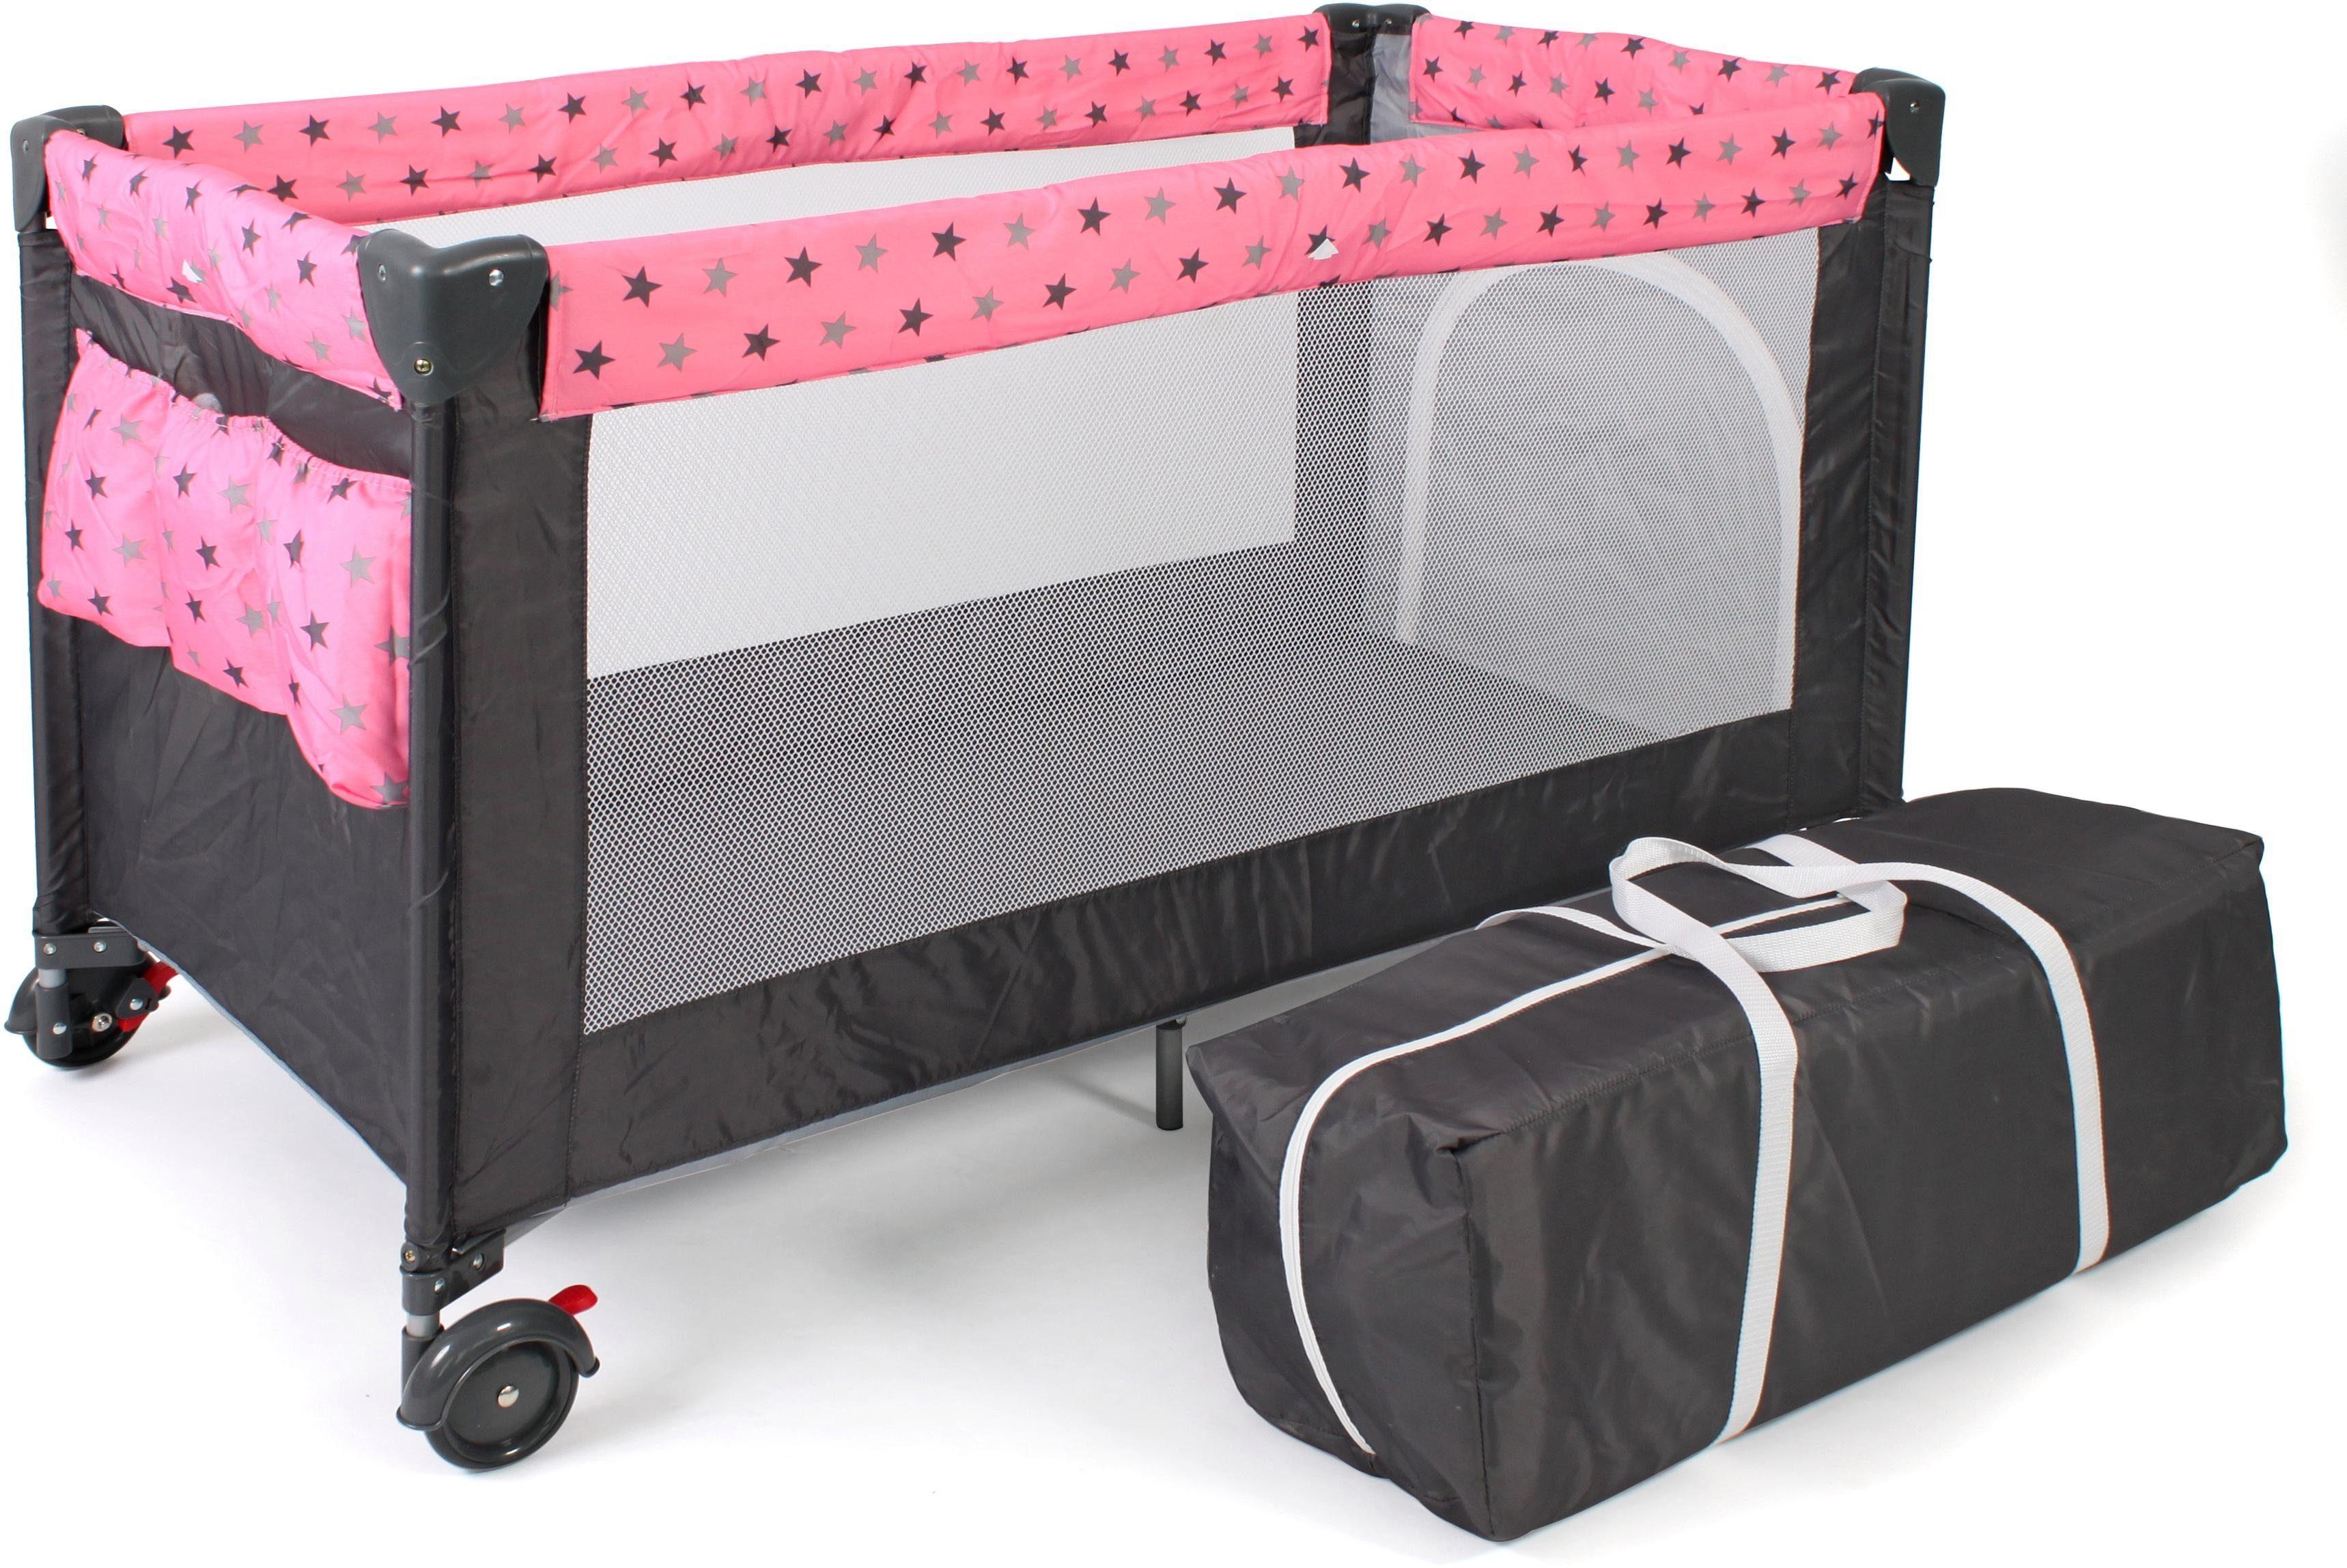 Chic baby reisebett luxus pink« online kaufen otto